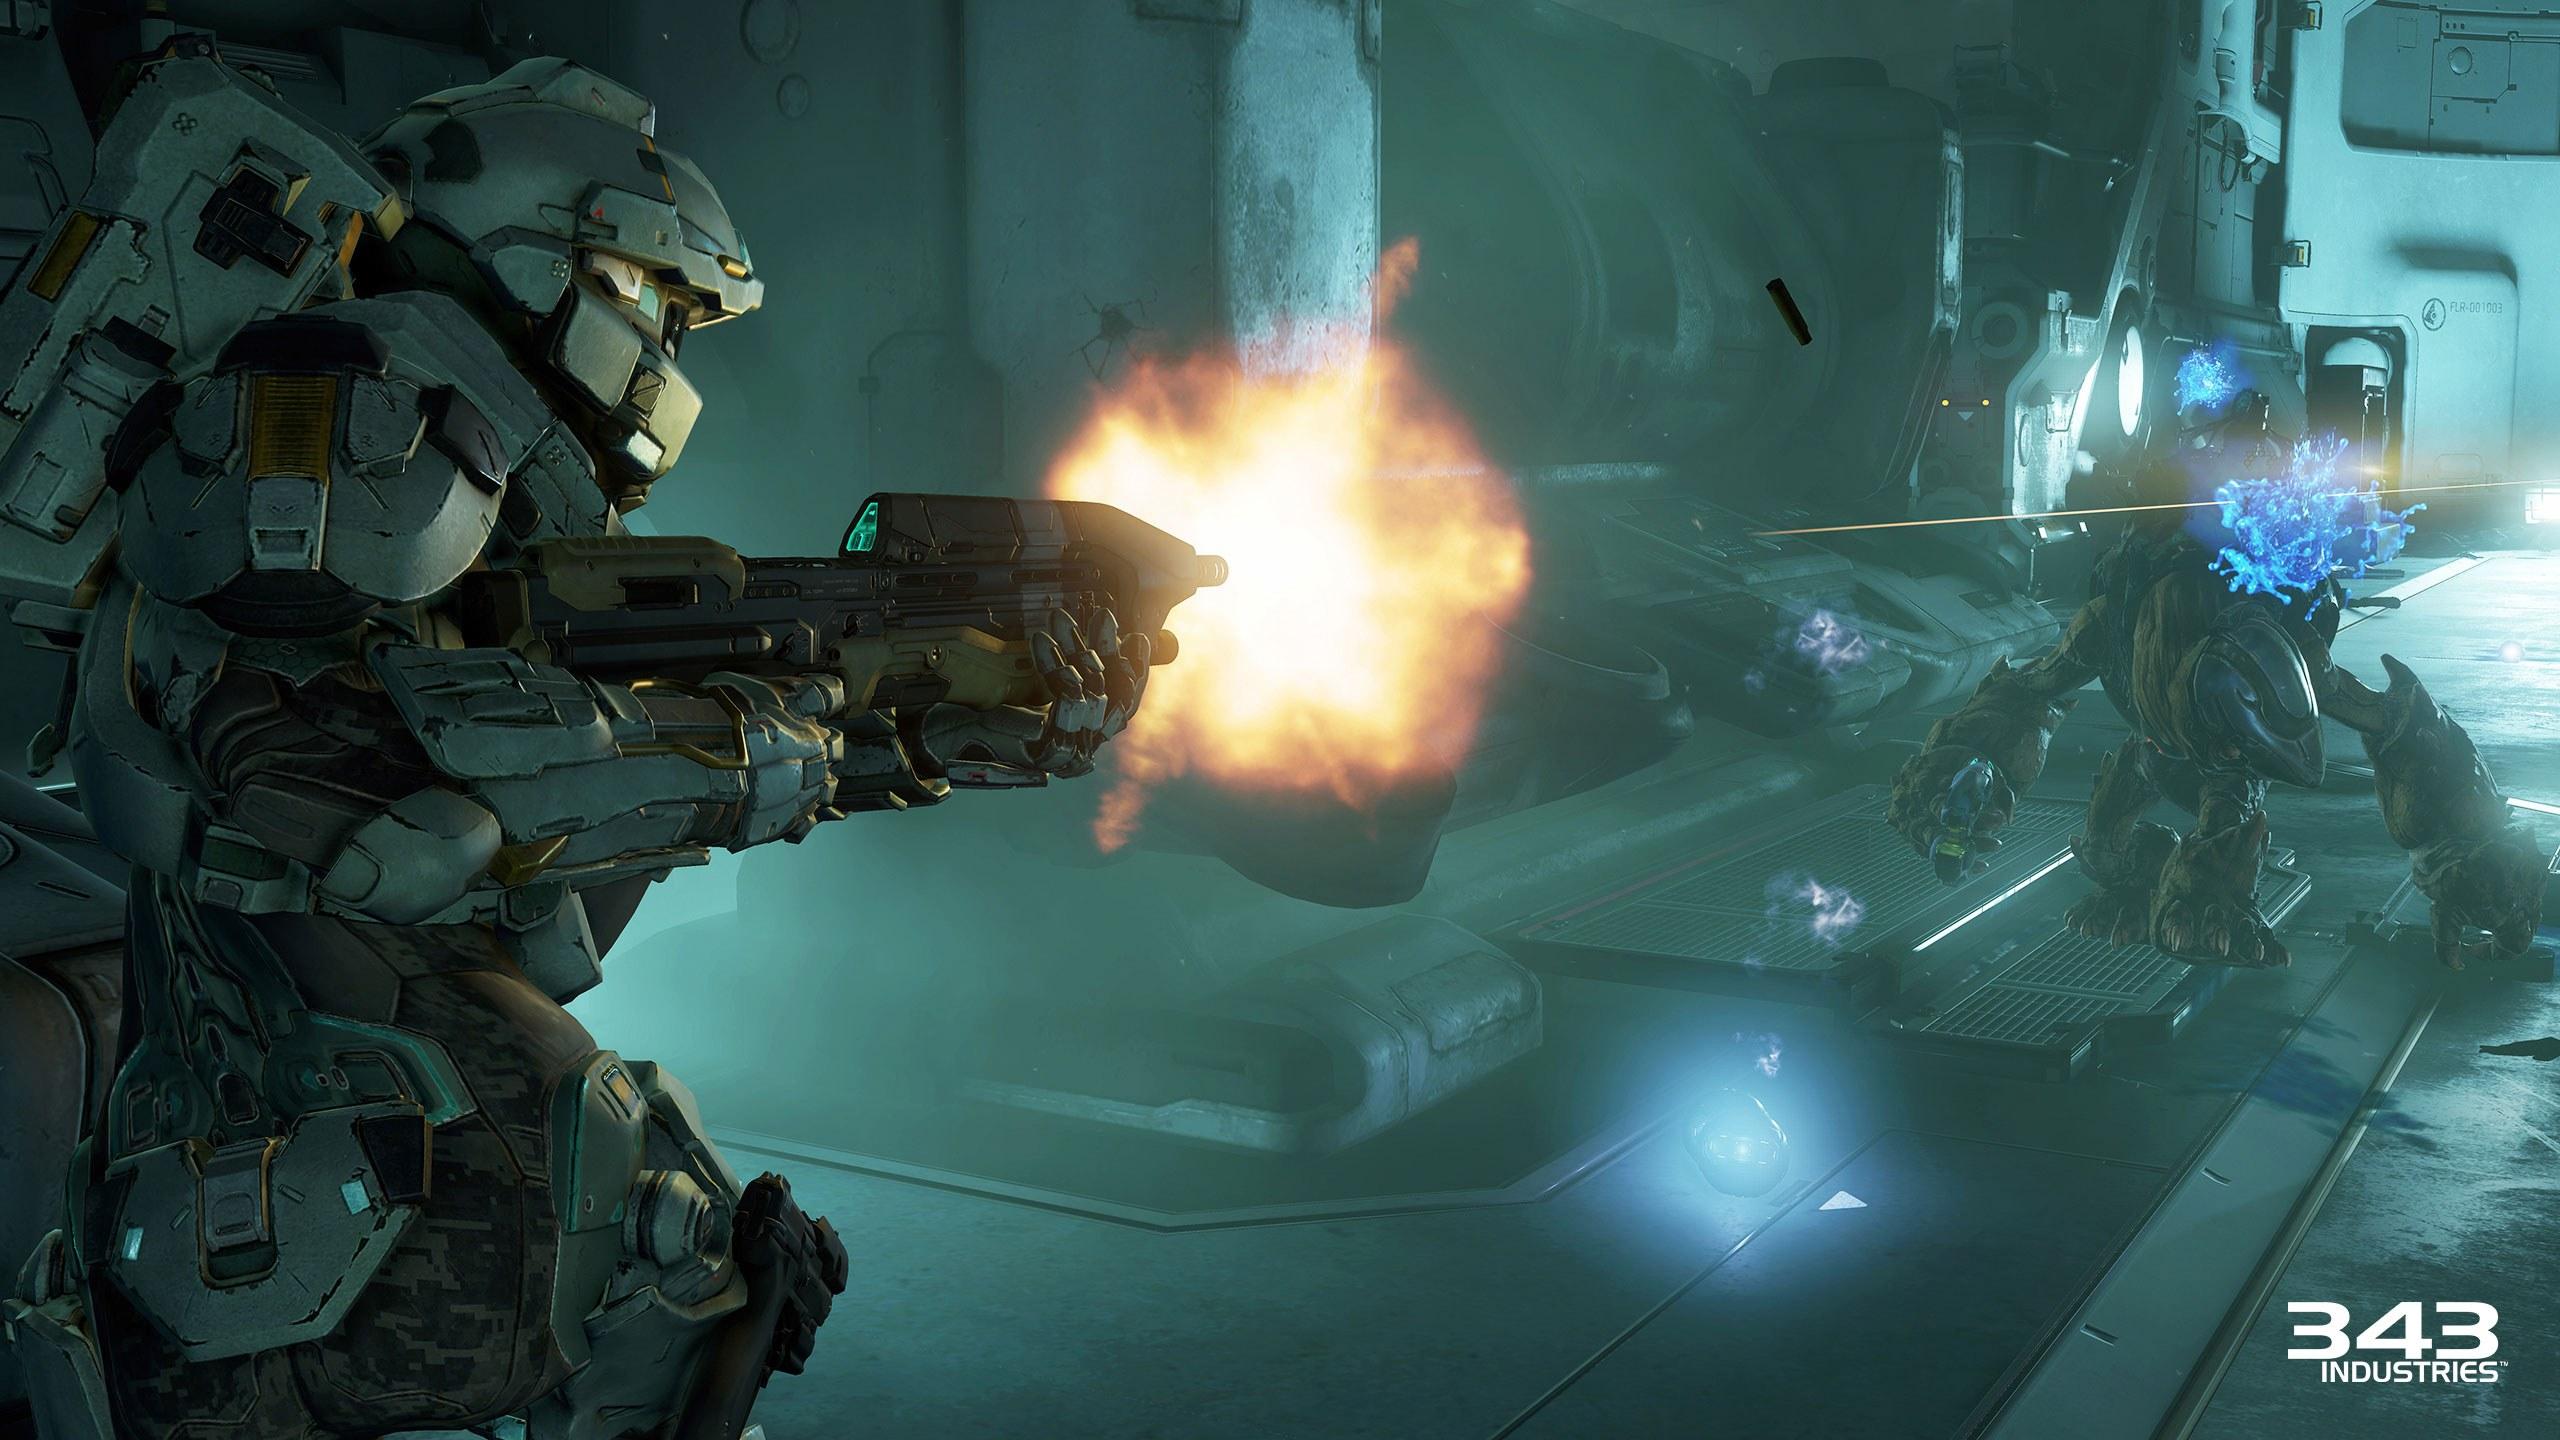 Xbox Defiende La Ausencia De Cooperativo Local En Halo 5 Guardians